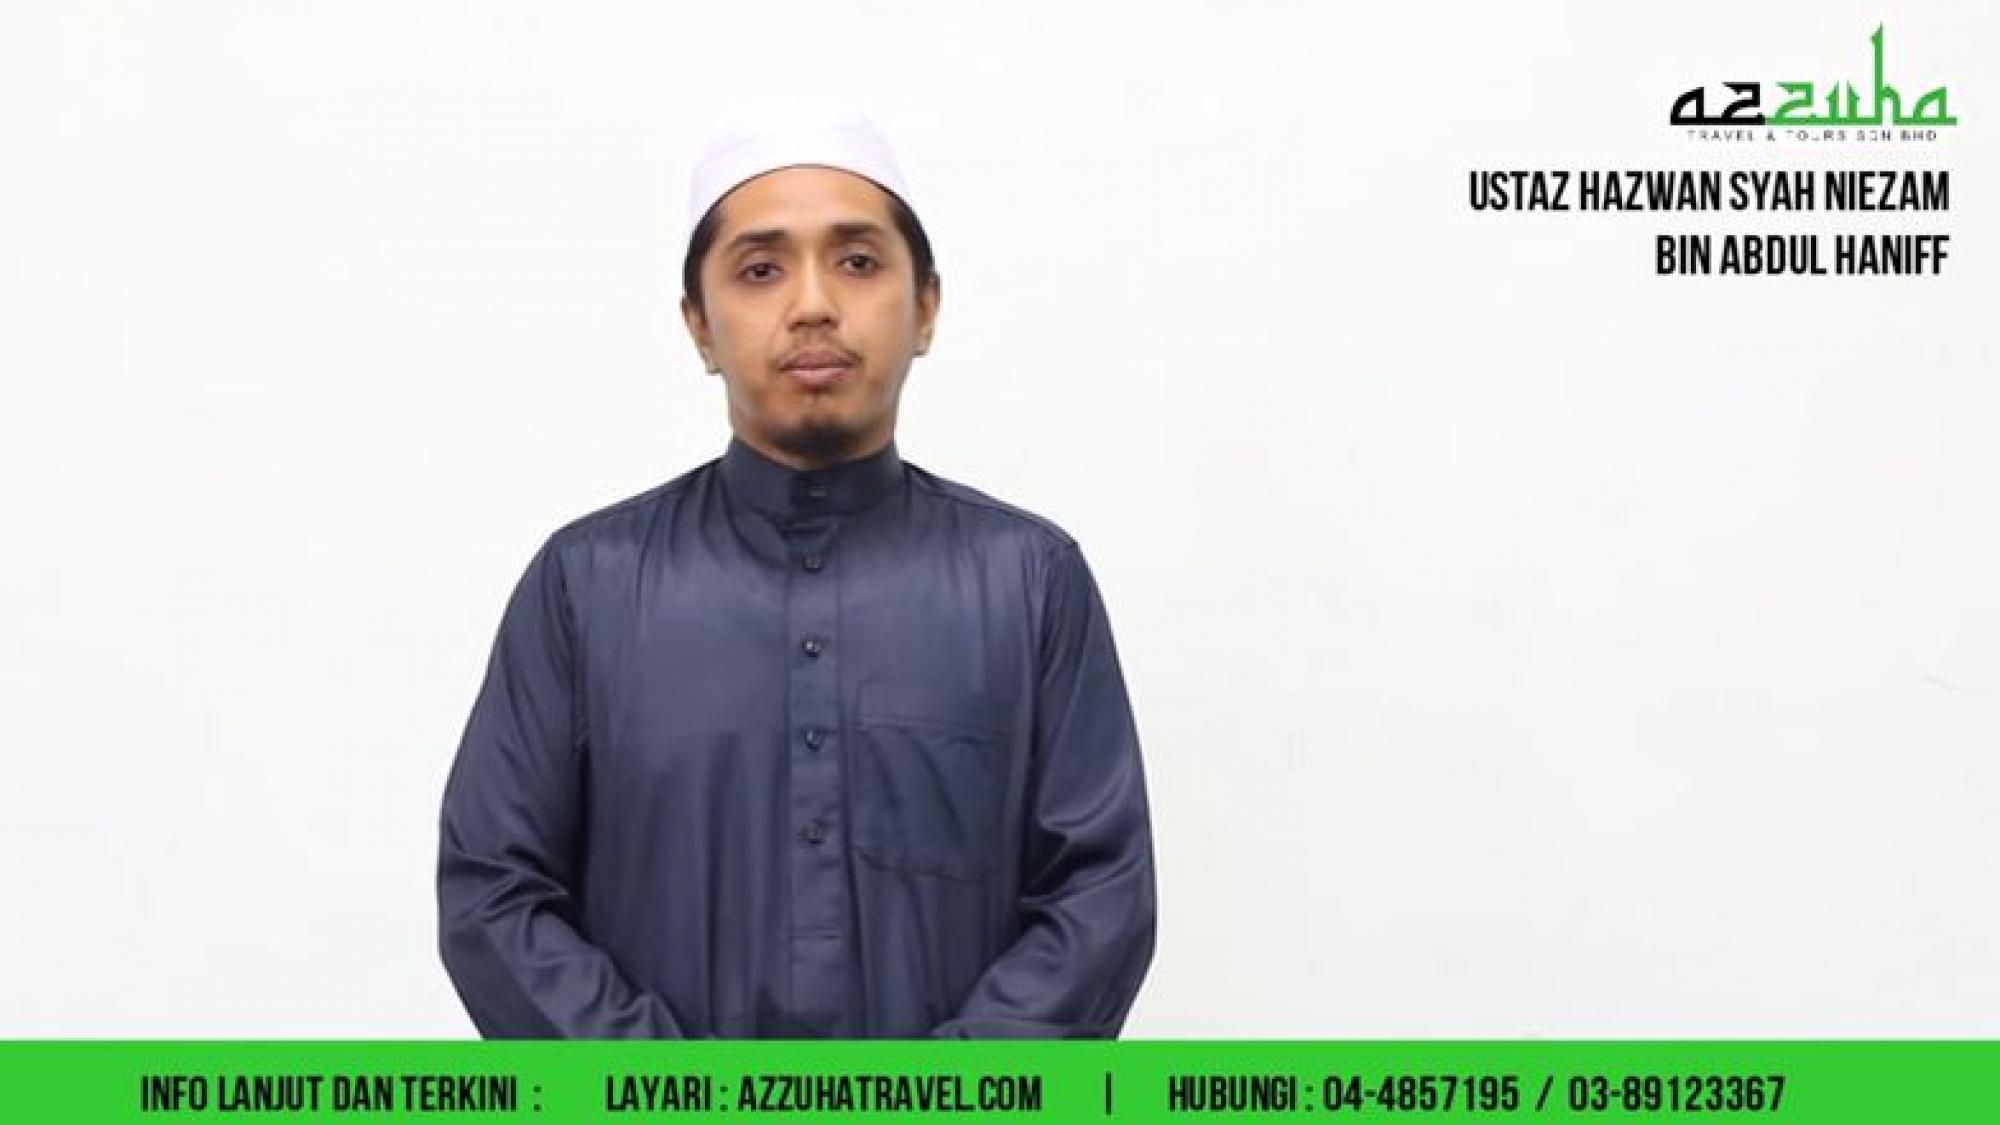 ustaz hazwan